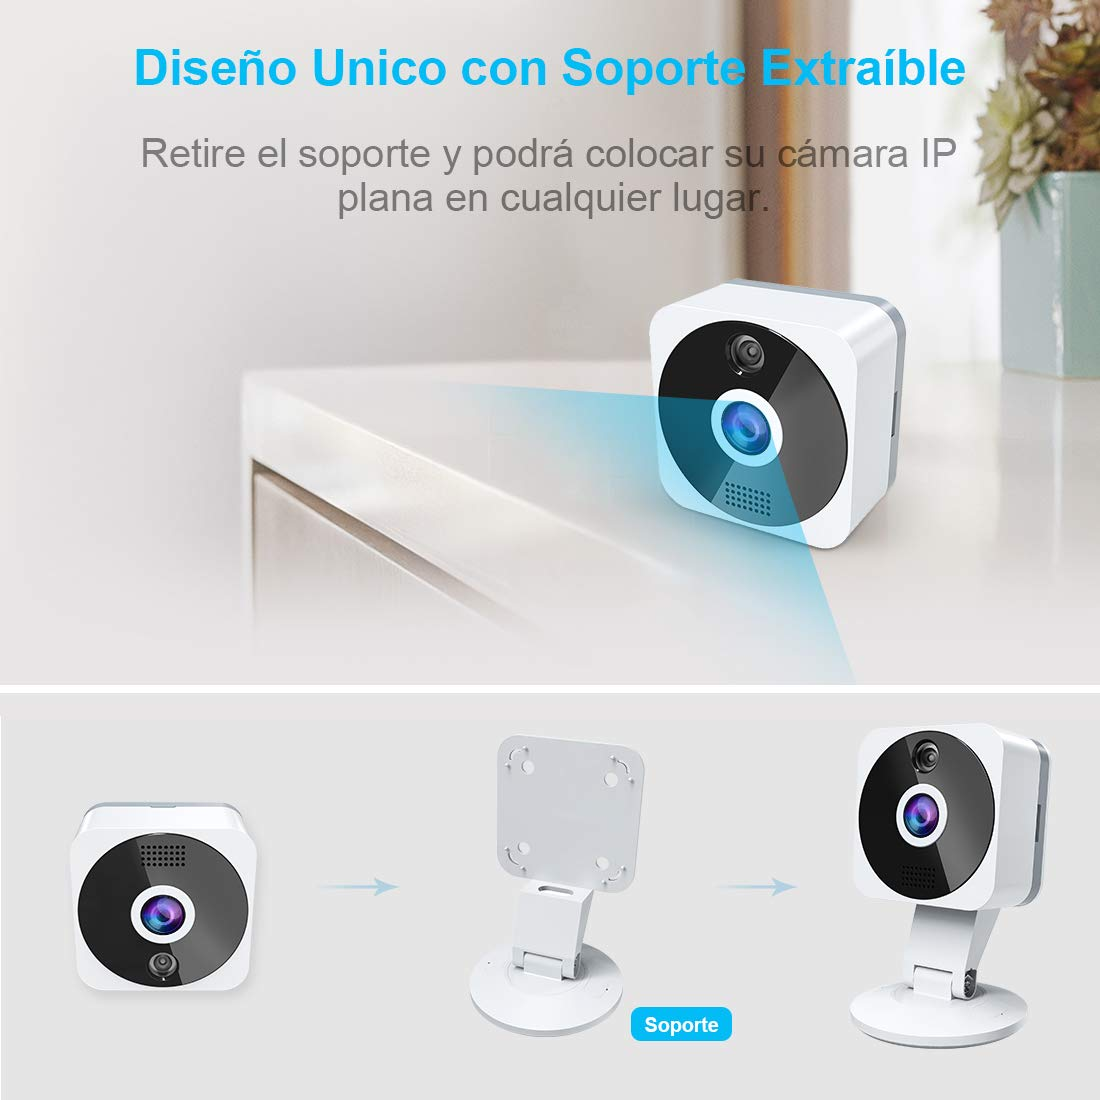 Camara IP WiFi, NIYPS HD 1080P Camara Vigilancia con Vision Nocturna, Audio de 2 Vías, Deteccion de Movimiento y Cloud, Camara de Seguridad Interior para ...